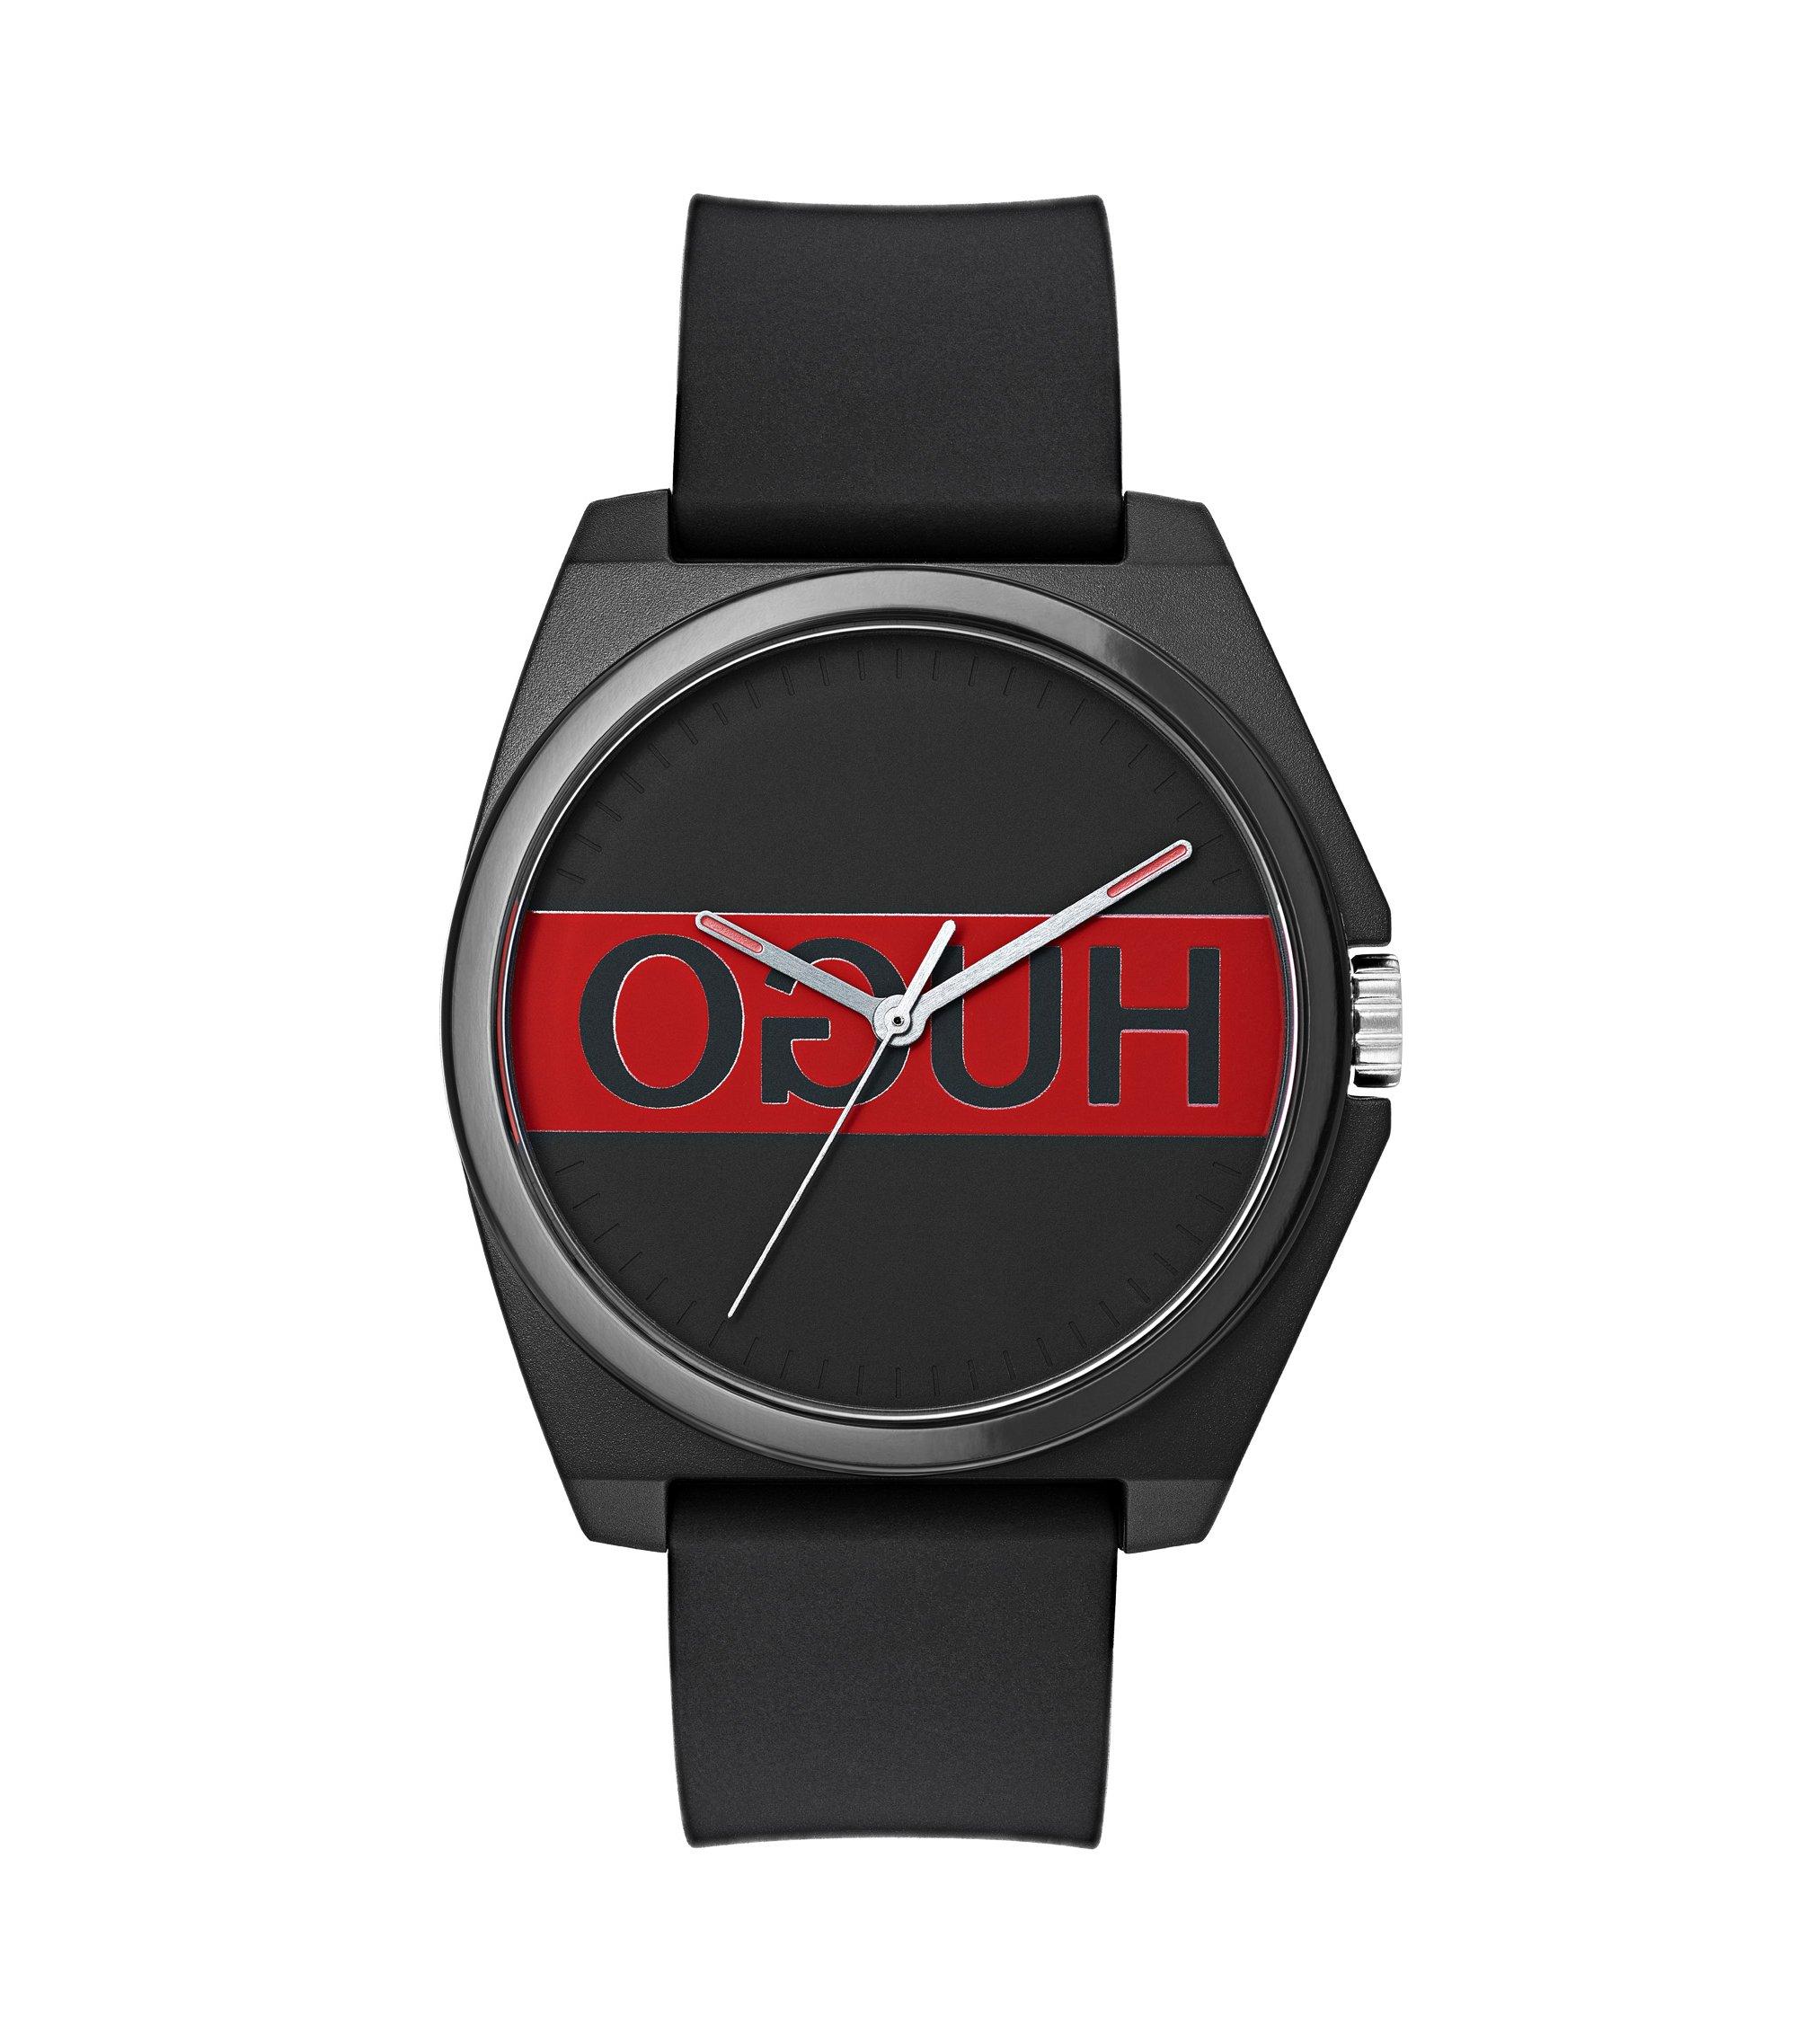 Horloge met drie wijzers, gespiegeld logo en polsband van siliconen, Assorted-Pre-Pack